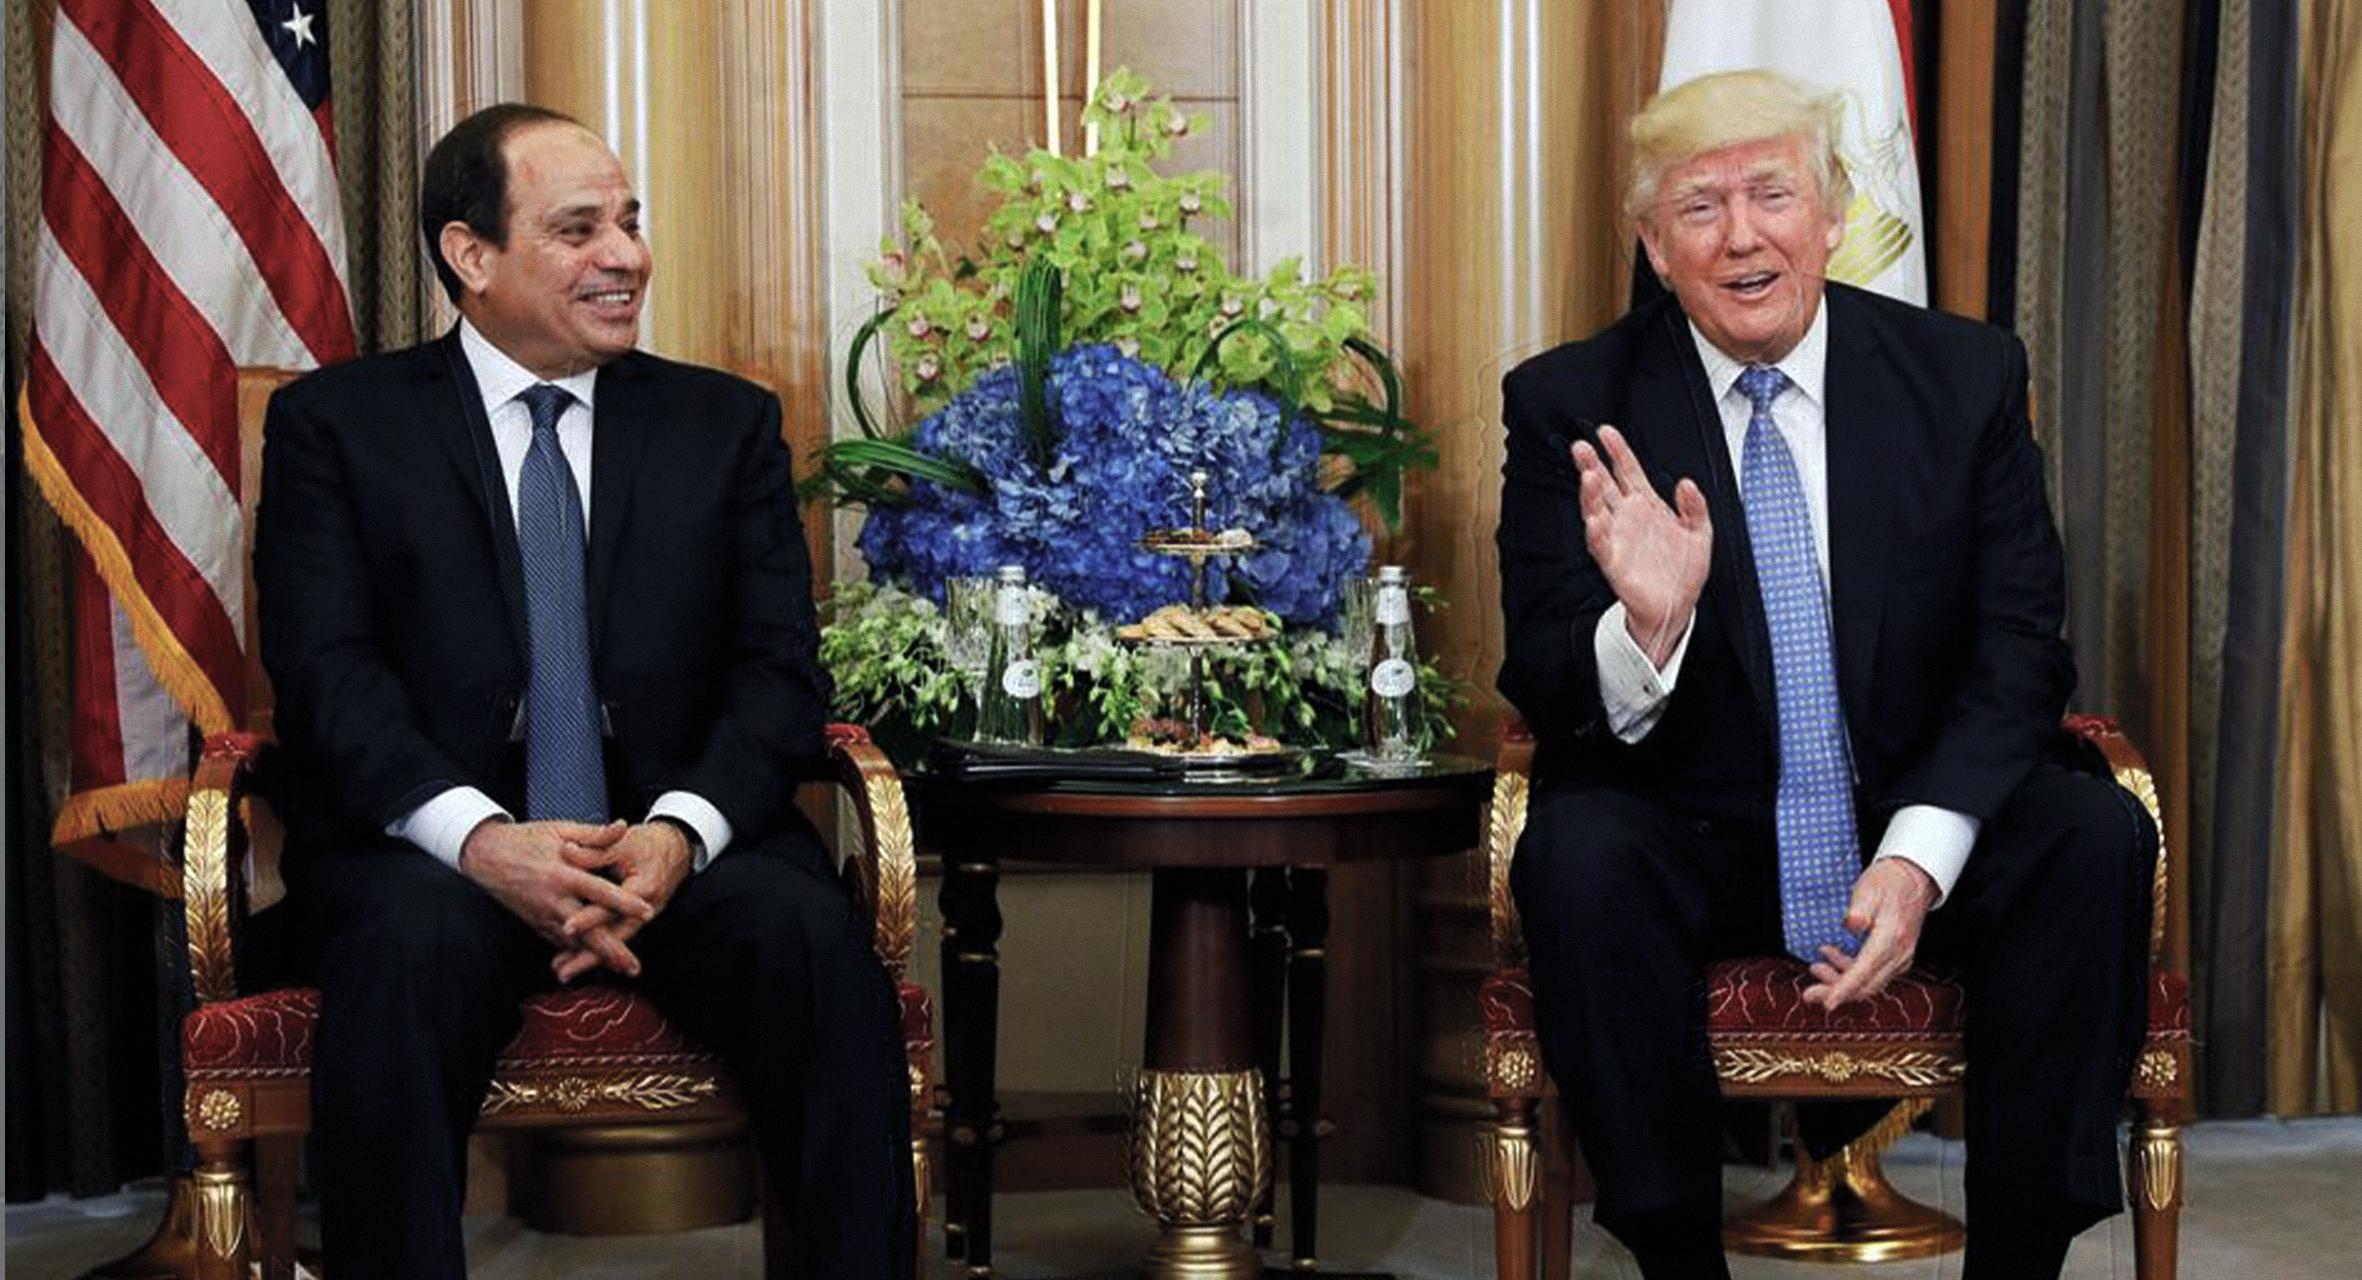 صورة ترامب يؤكد عدم حاجة ديكتاتوره المفضل للقلق على وفاة مصري أمريكي ويمكنه قتل المزيد إن أراد